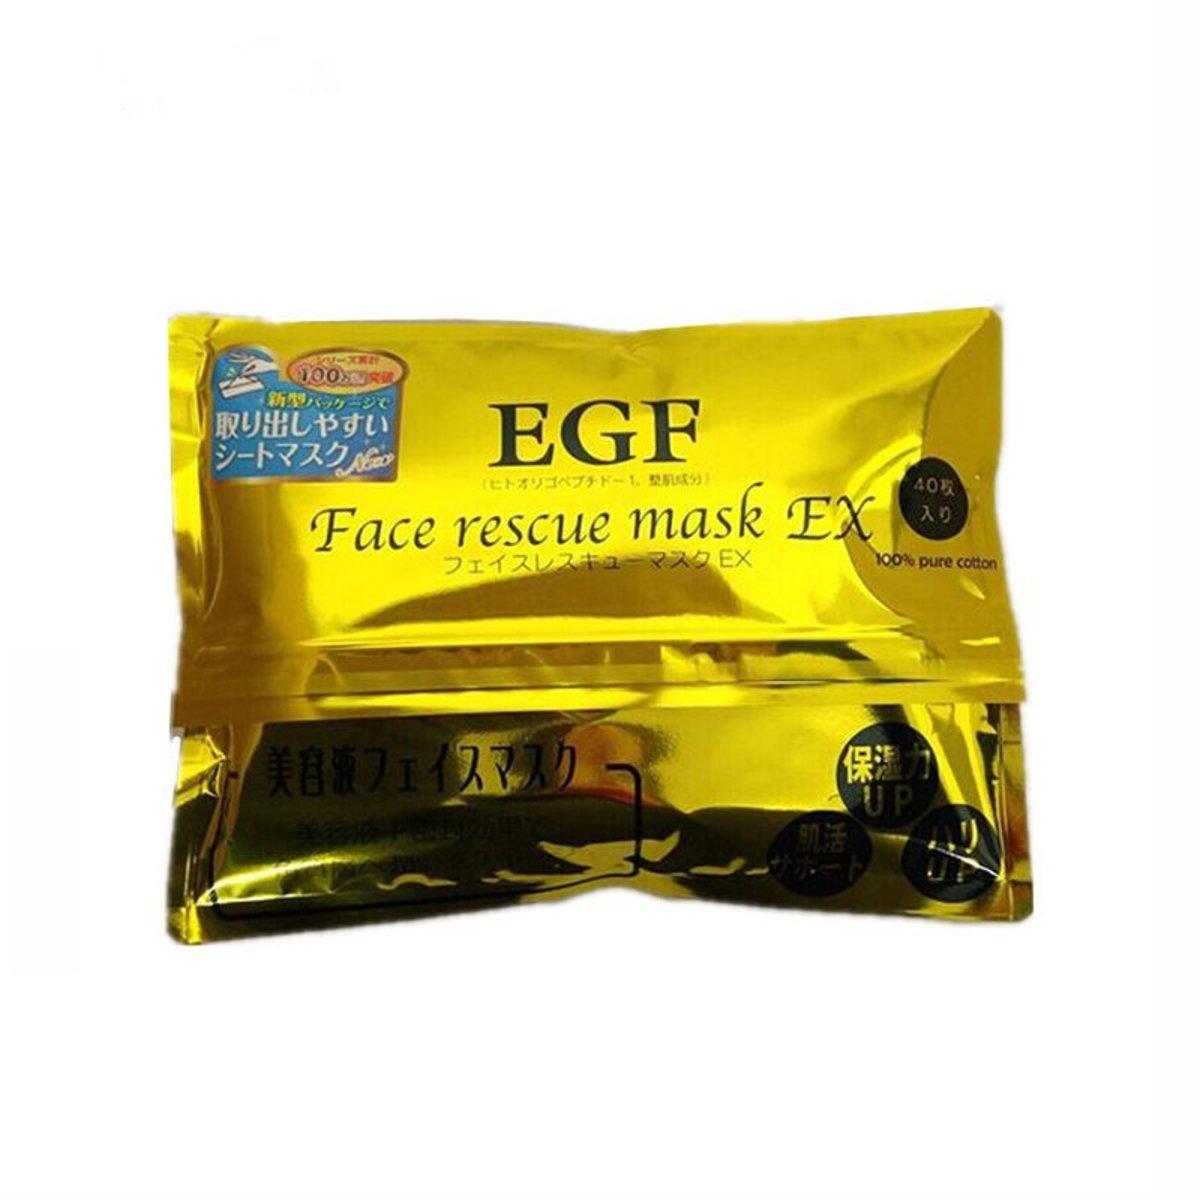 EGF Face Rescue Mask EX 40pcs (Parrallel Import)